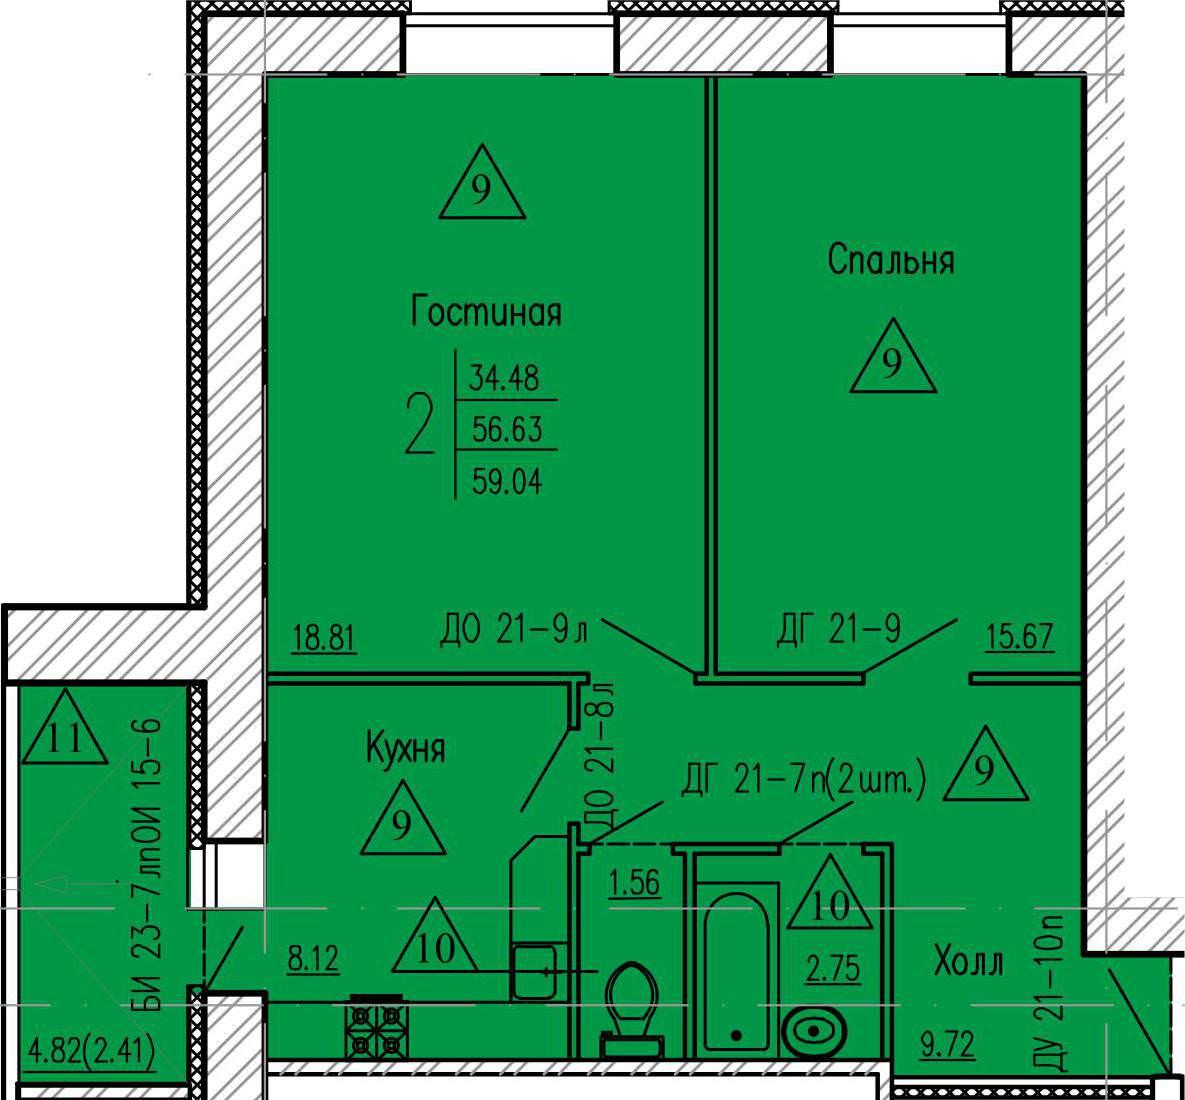 2-комнатная квартира 59.04 м² с просторной лоджией